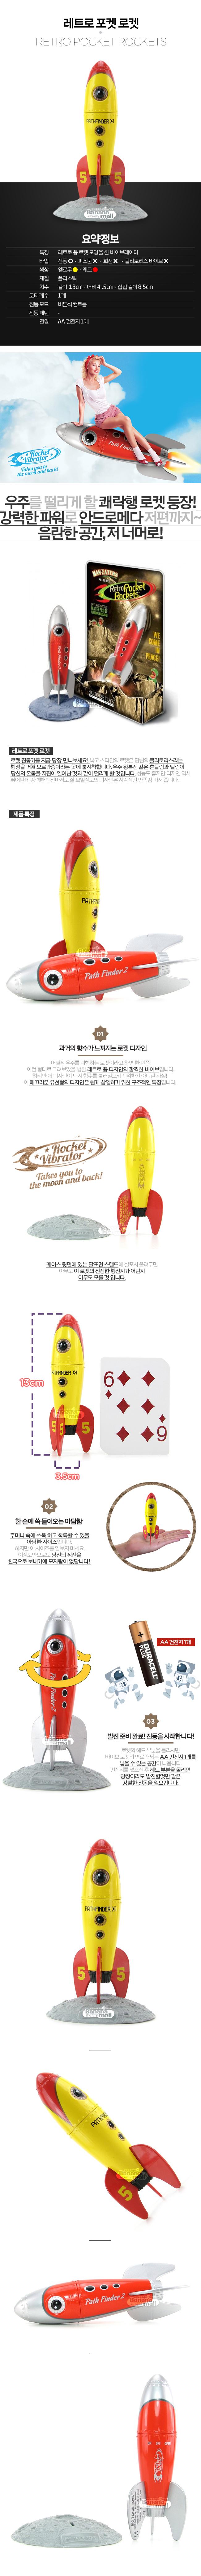 [로켓 바이브레이터] 레트로 포켓 로켓(Big Teaze Toys Retro Pocket Rockets) - 빅티즈 토이즈/NR